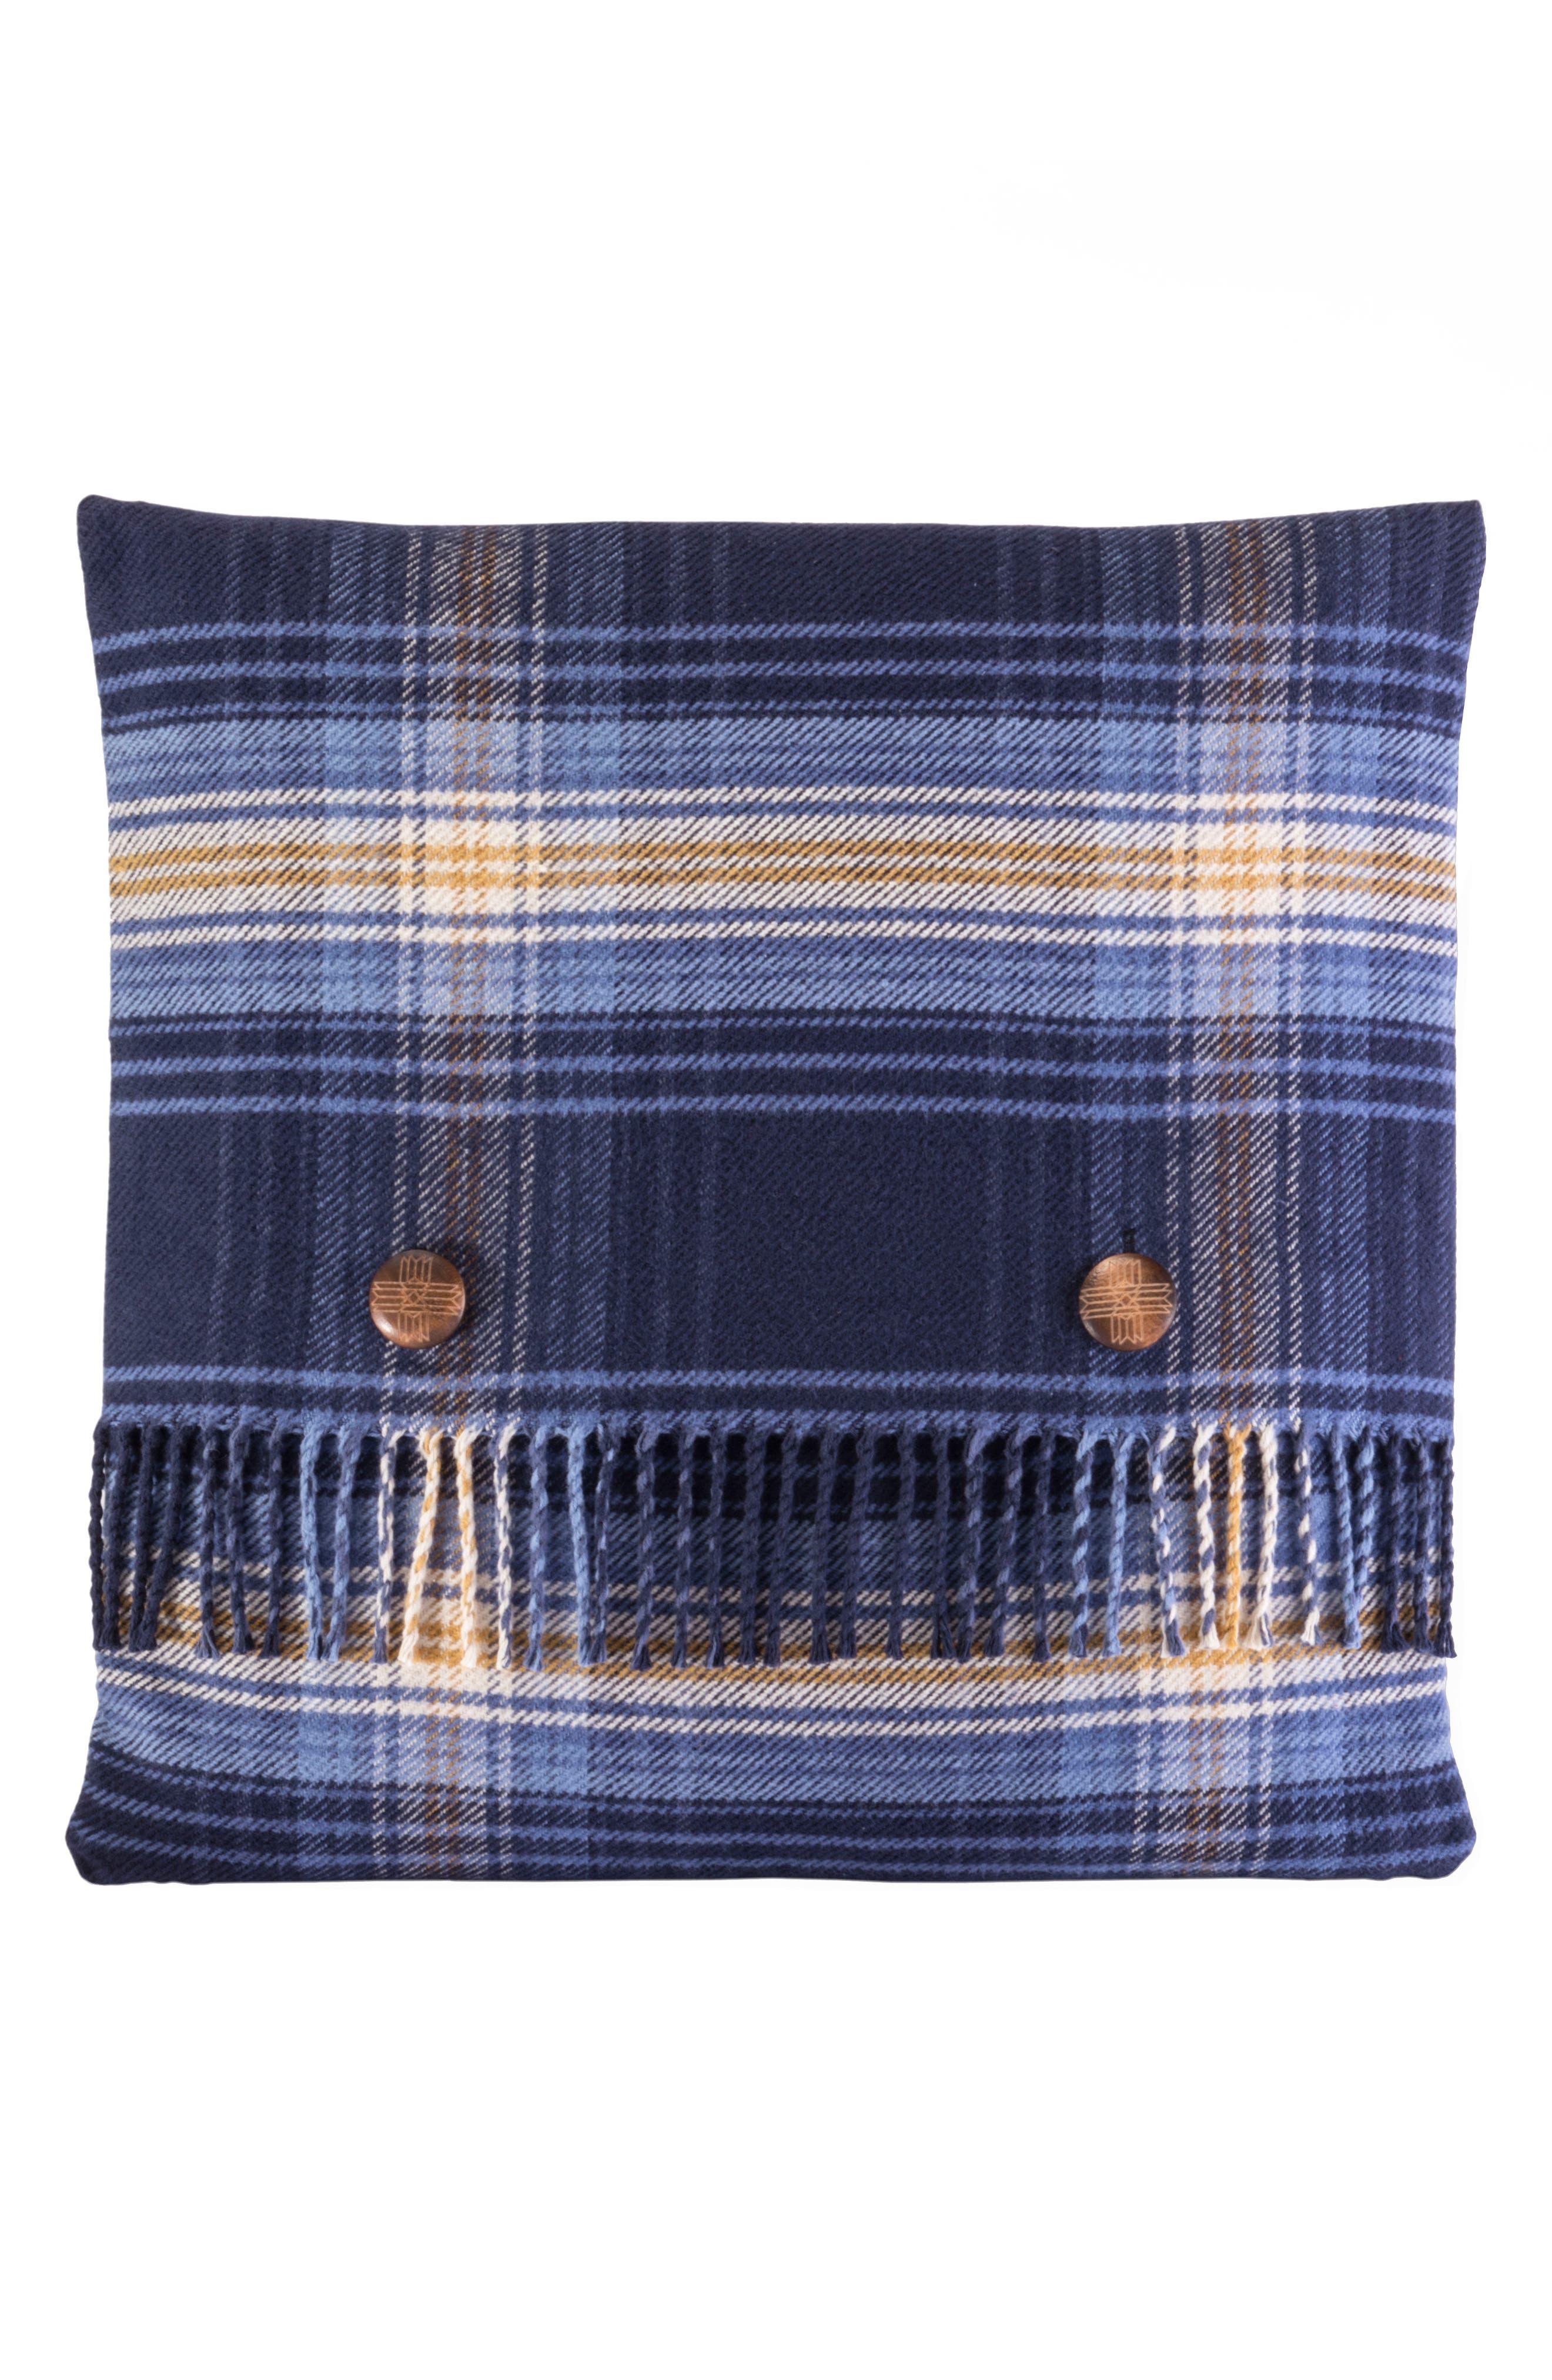 Ombre Plaid Pillow,                             Main thumbnail 1, color,                             400